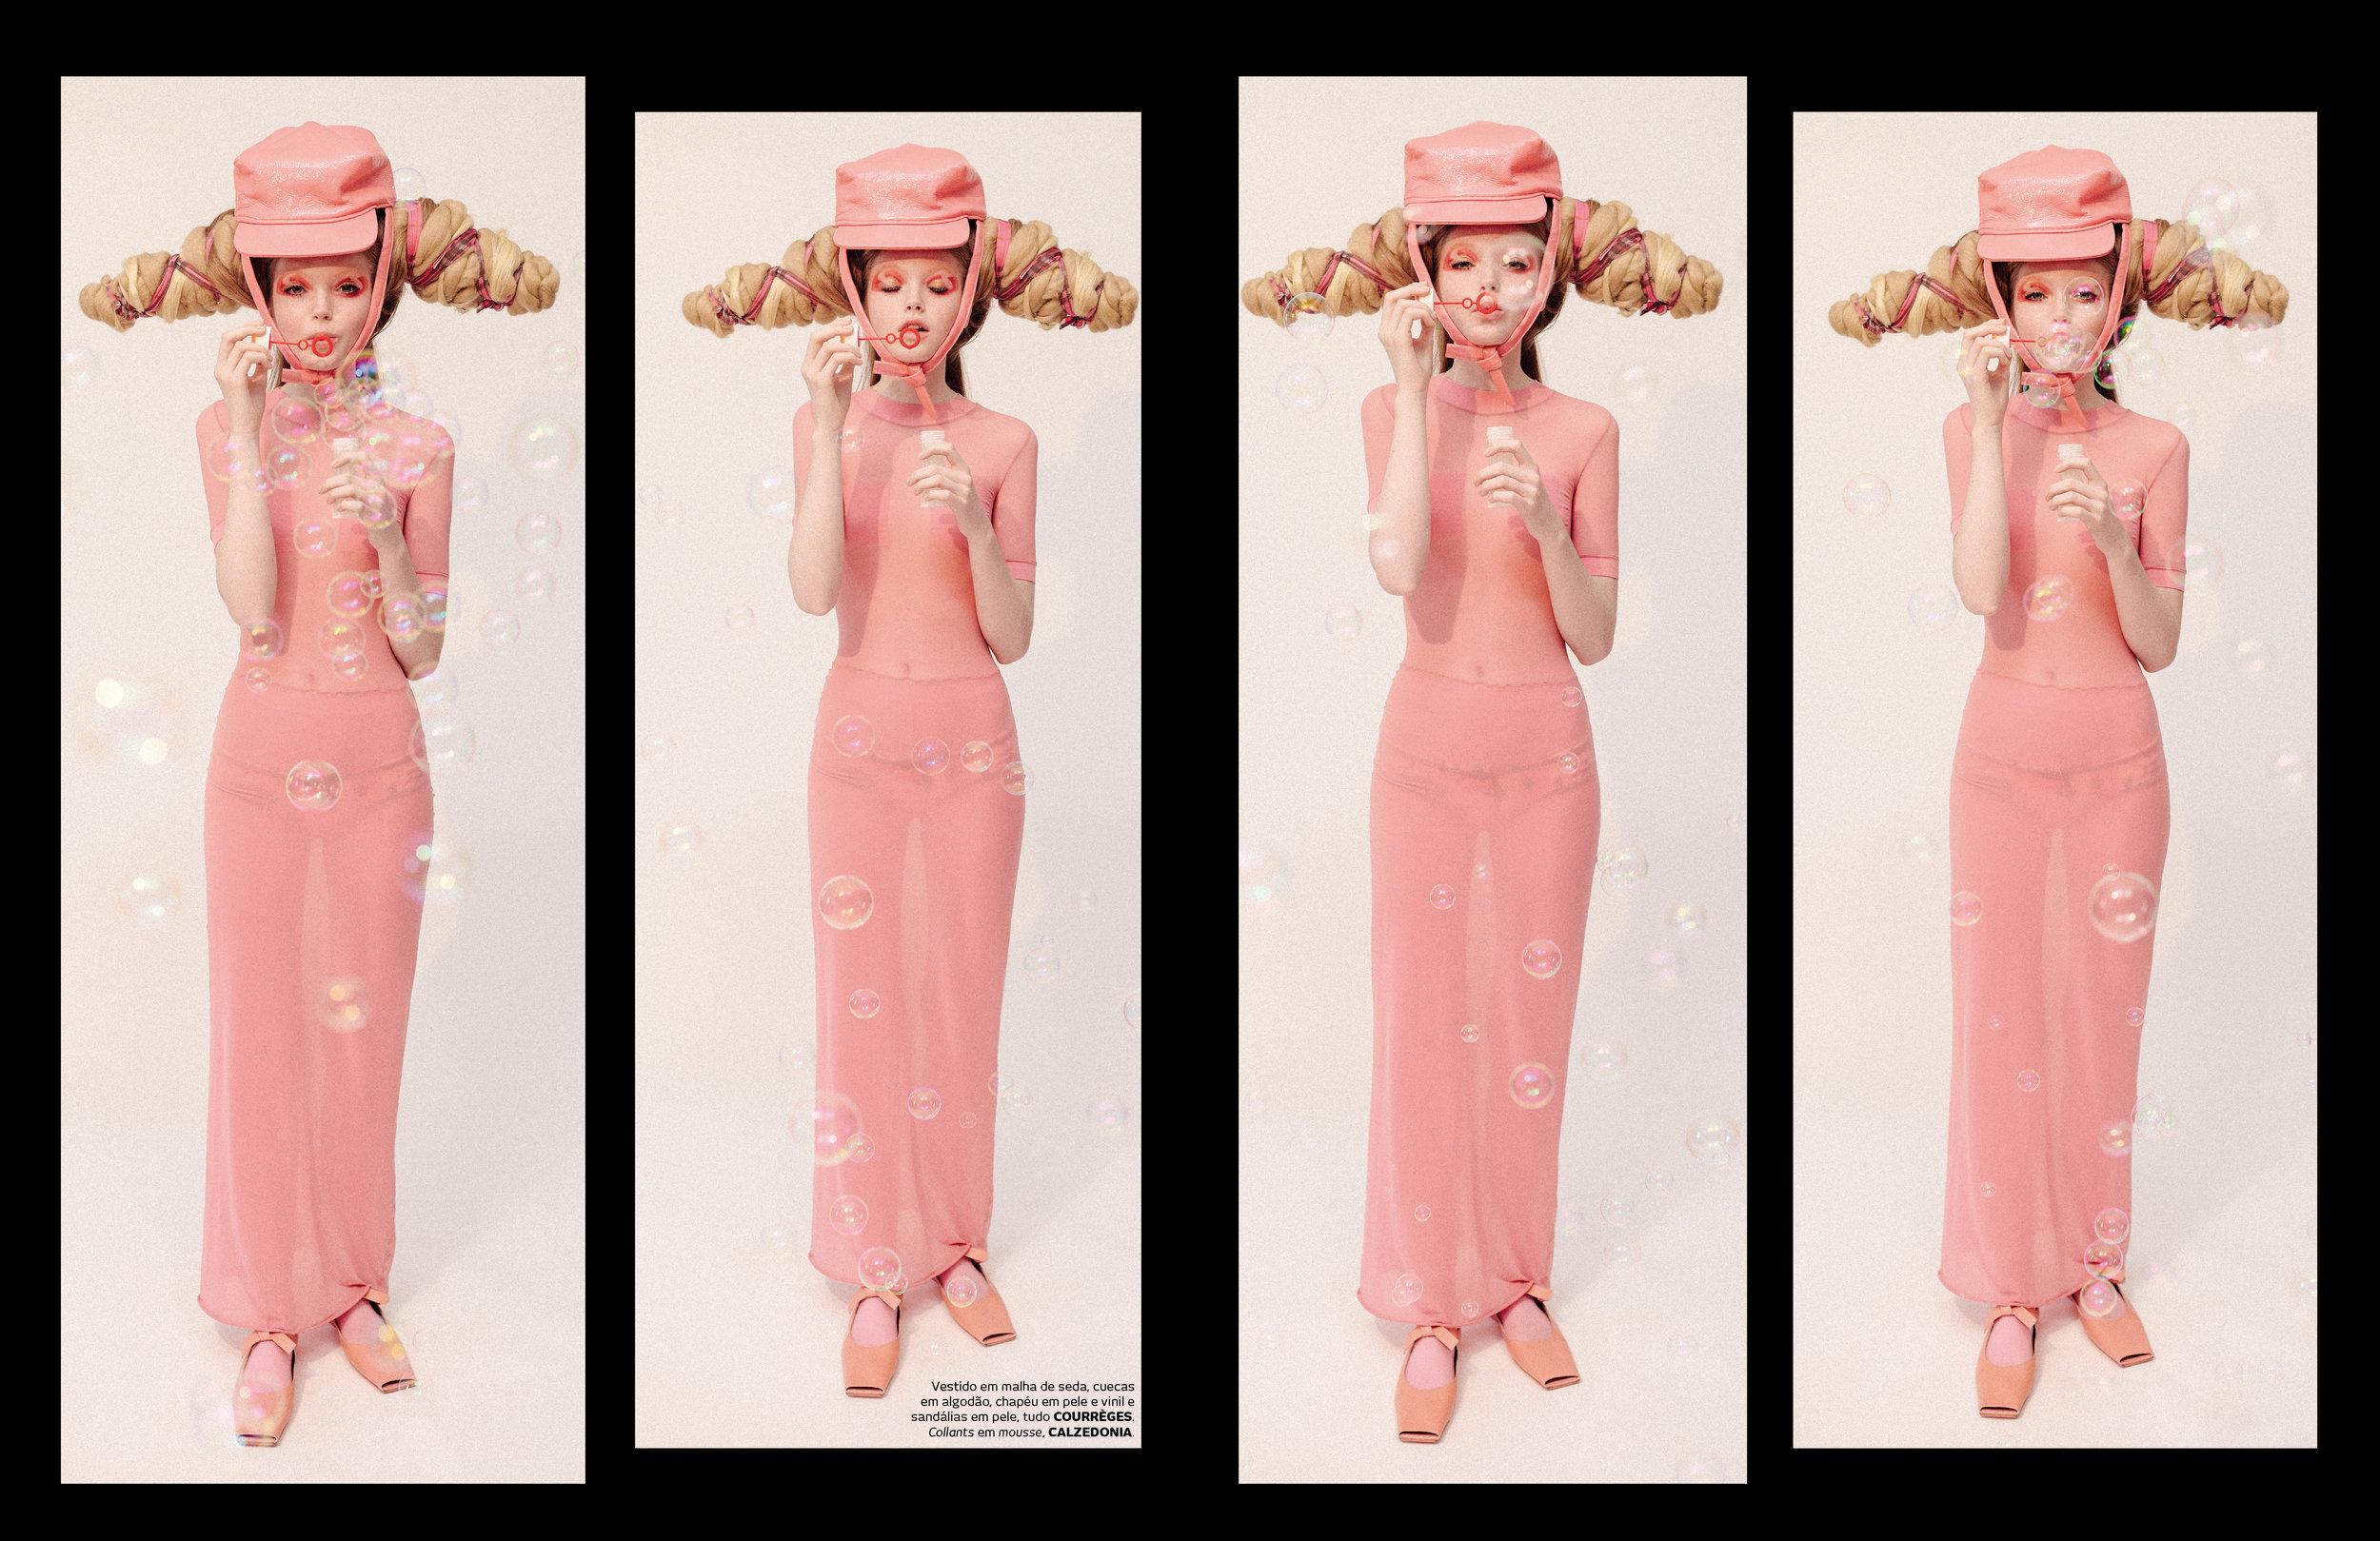 Vogue Portugal_De Peito Aberto_05.jpg